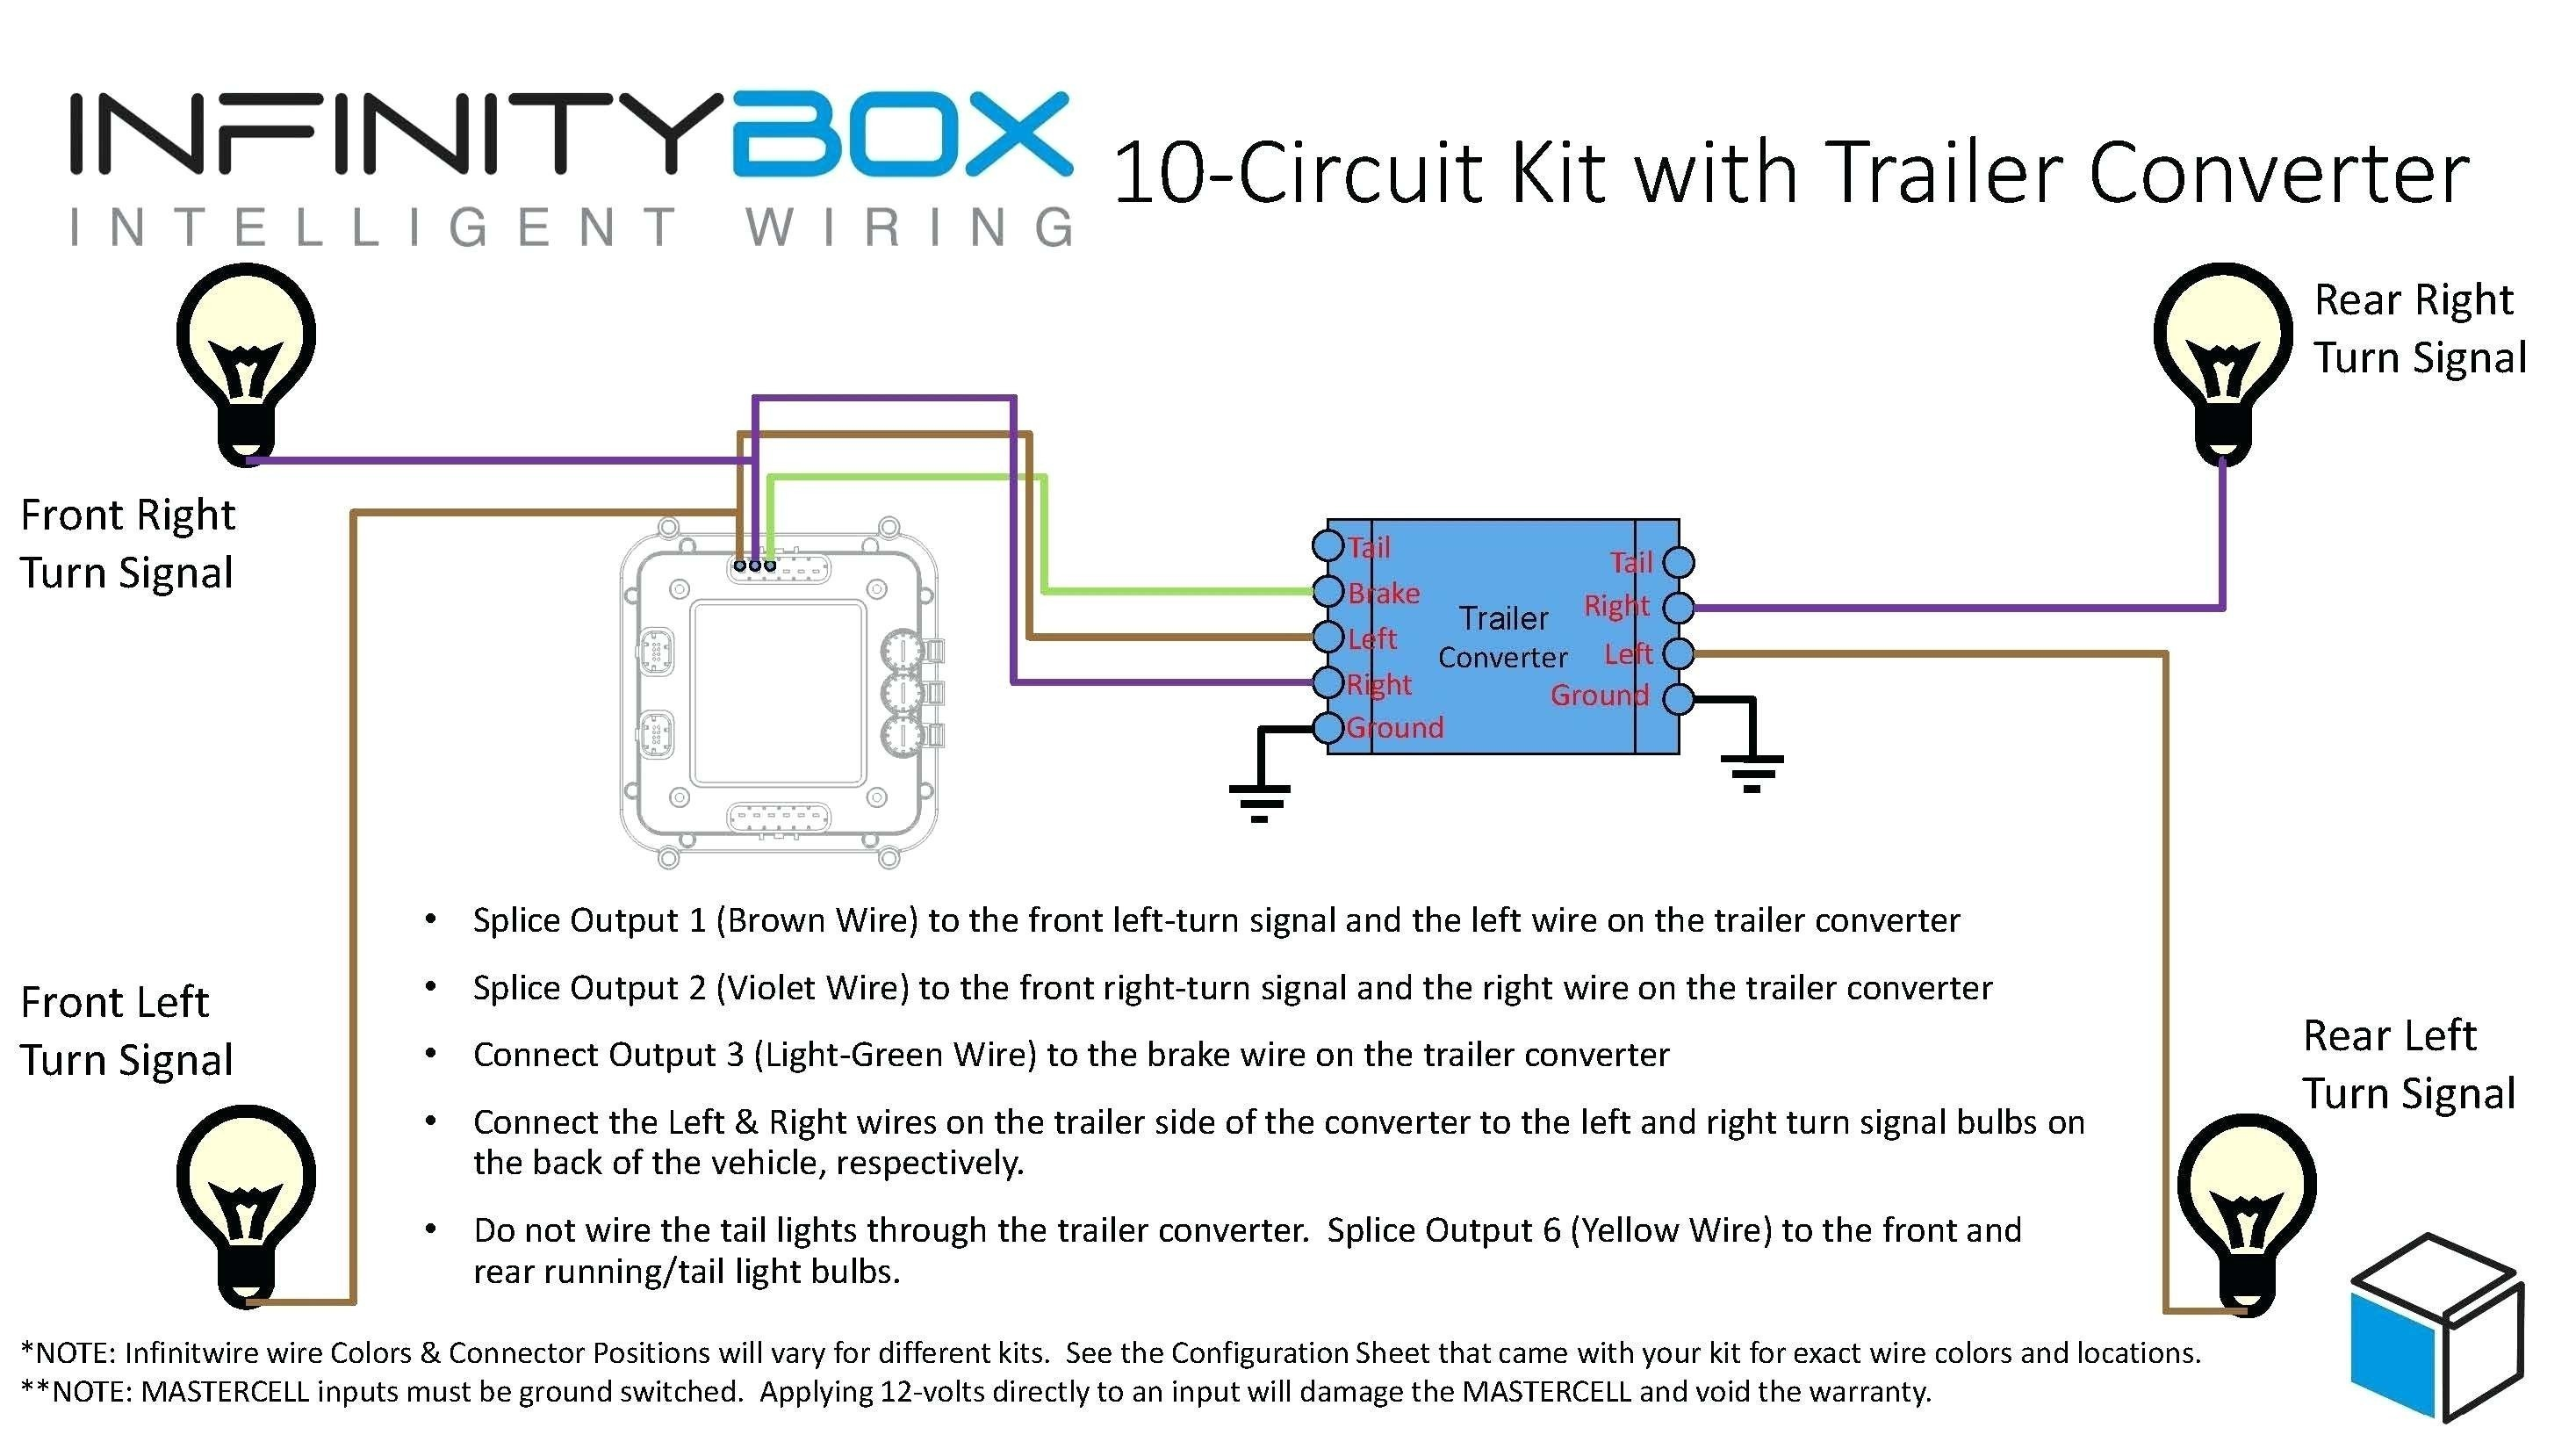 Turn Signal Brake Light Wiring Diagram Wiring Running Lights A Trailer Wiring Diagrams Schematics Of Turn Signal Brake Light Wiring Diagram